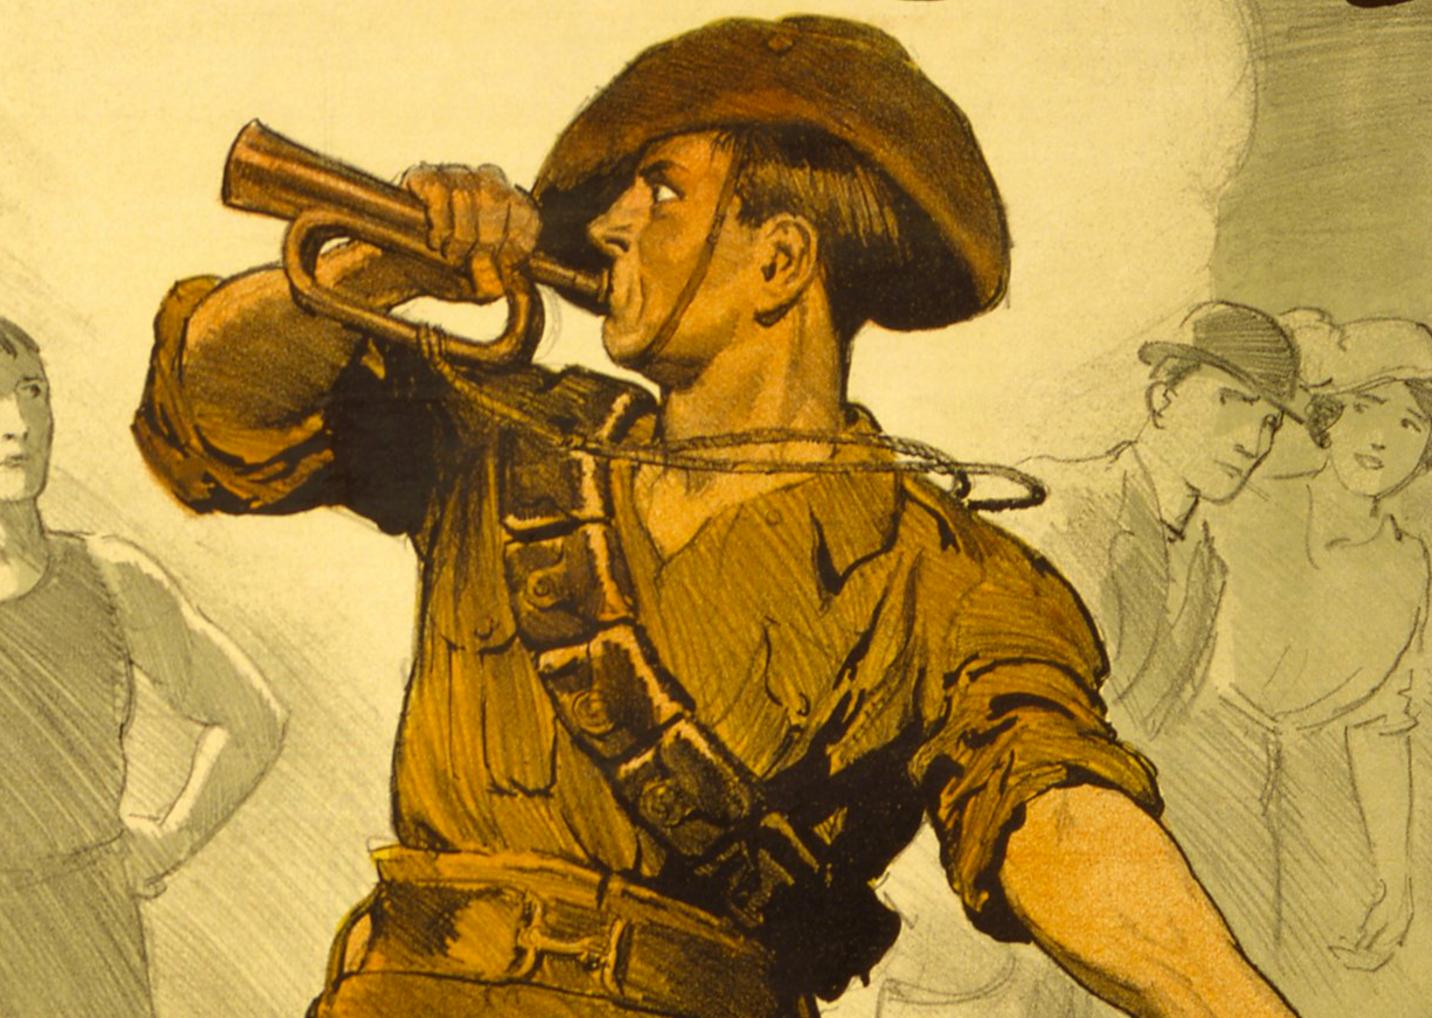 Vintage man blowing trumpet.